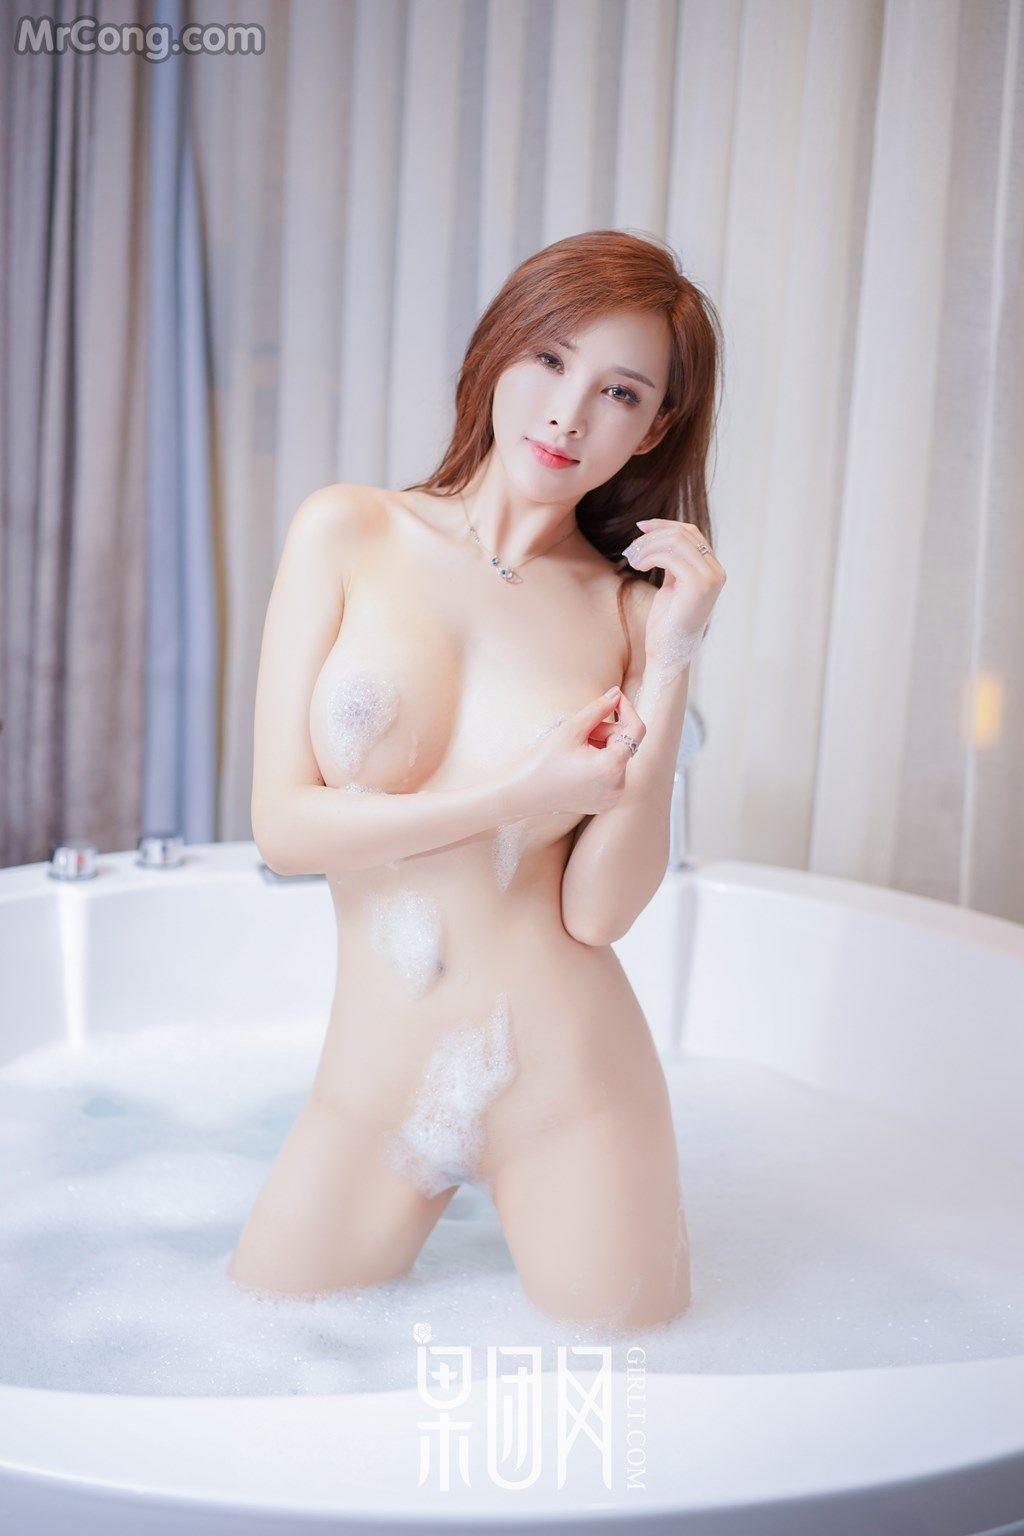 Hot Naked Latino Girl Picws